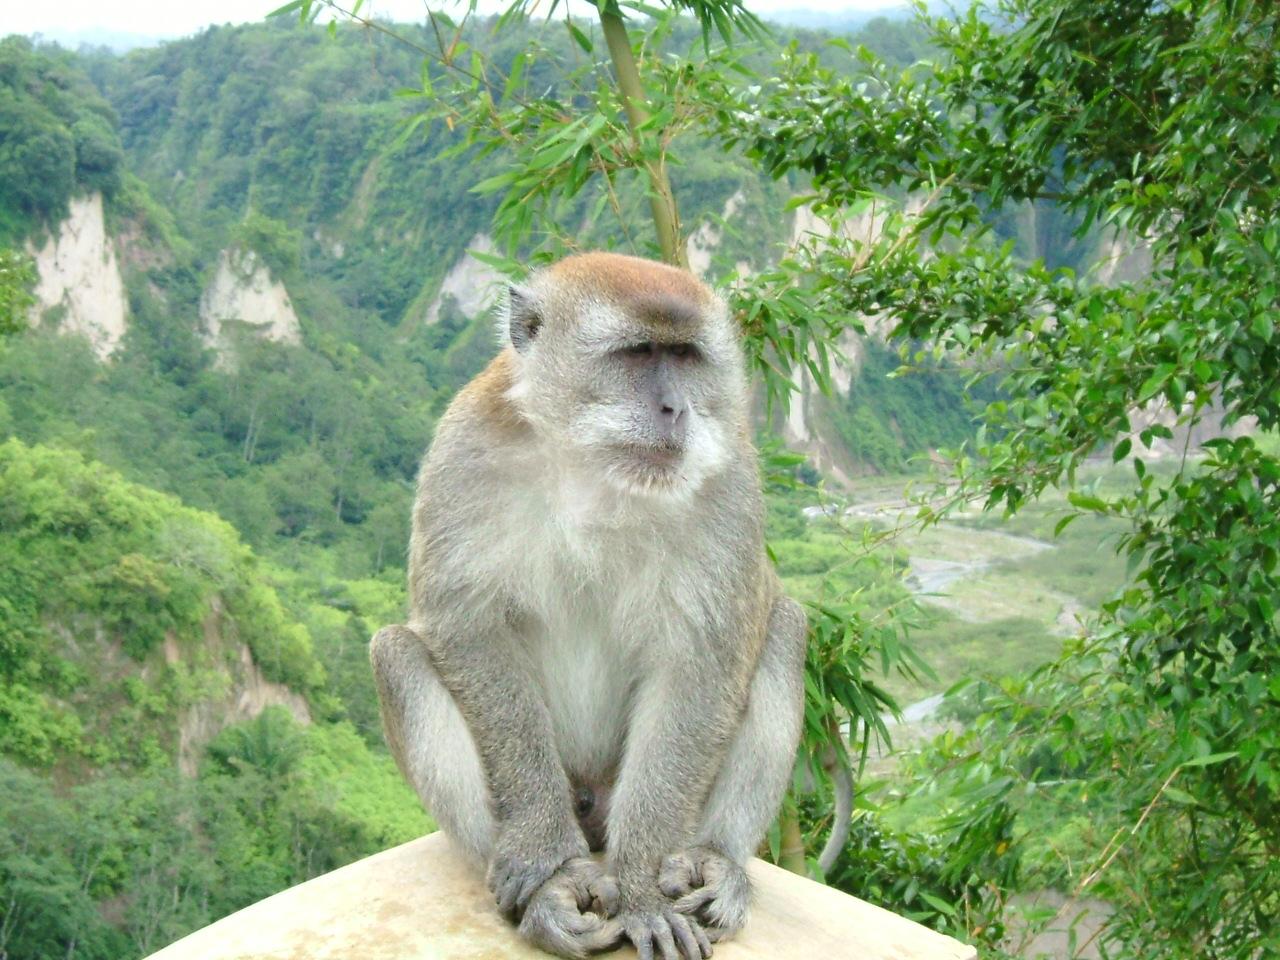 Der Langschwanzmakak ist die am häufigsten vorkommende Affenart der Welt